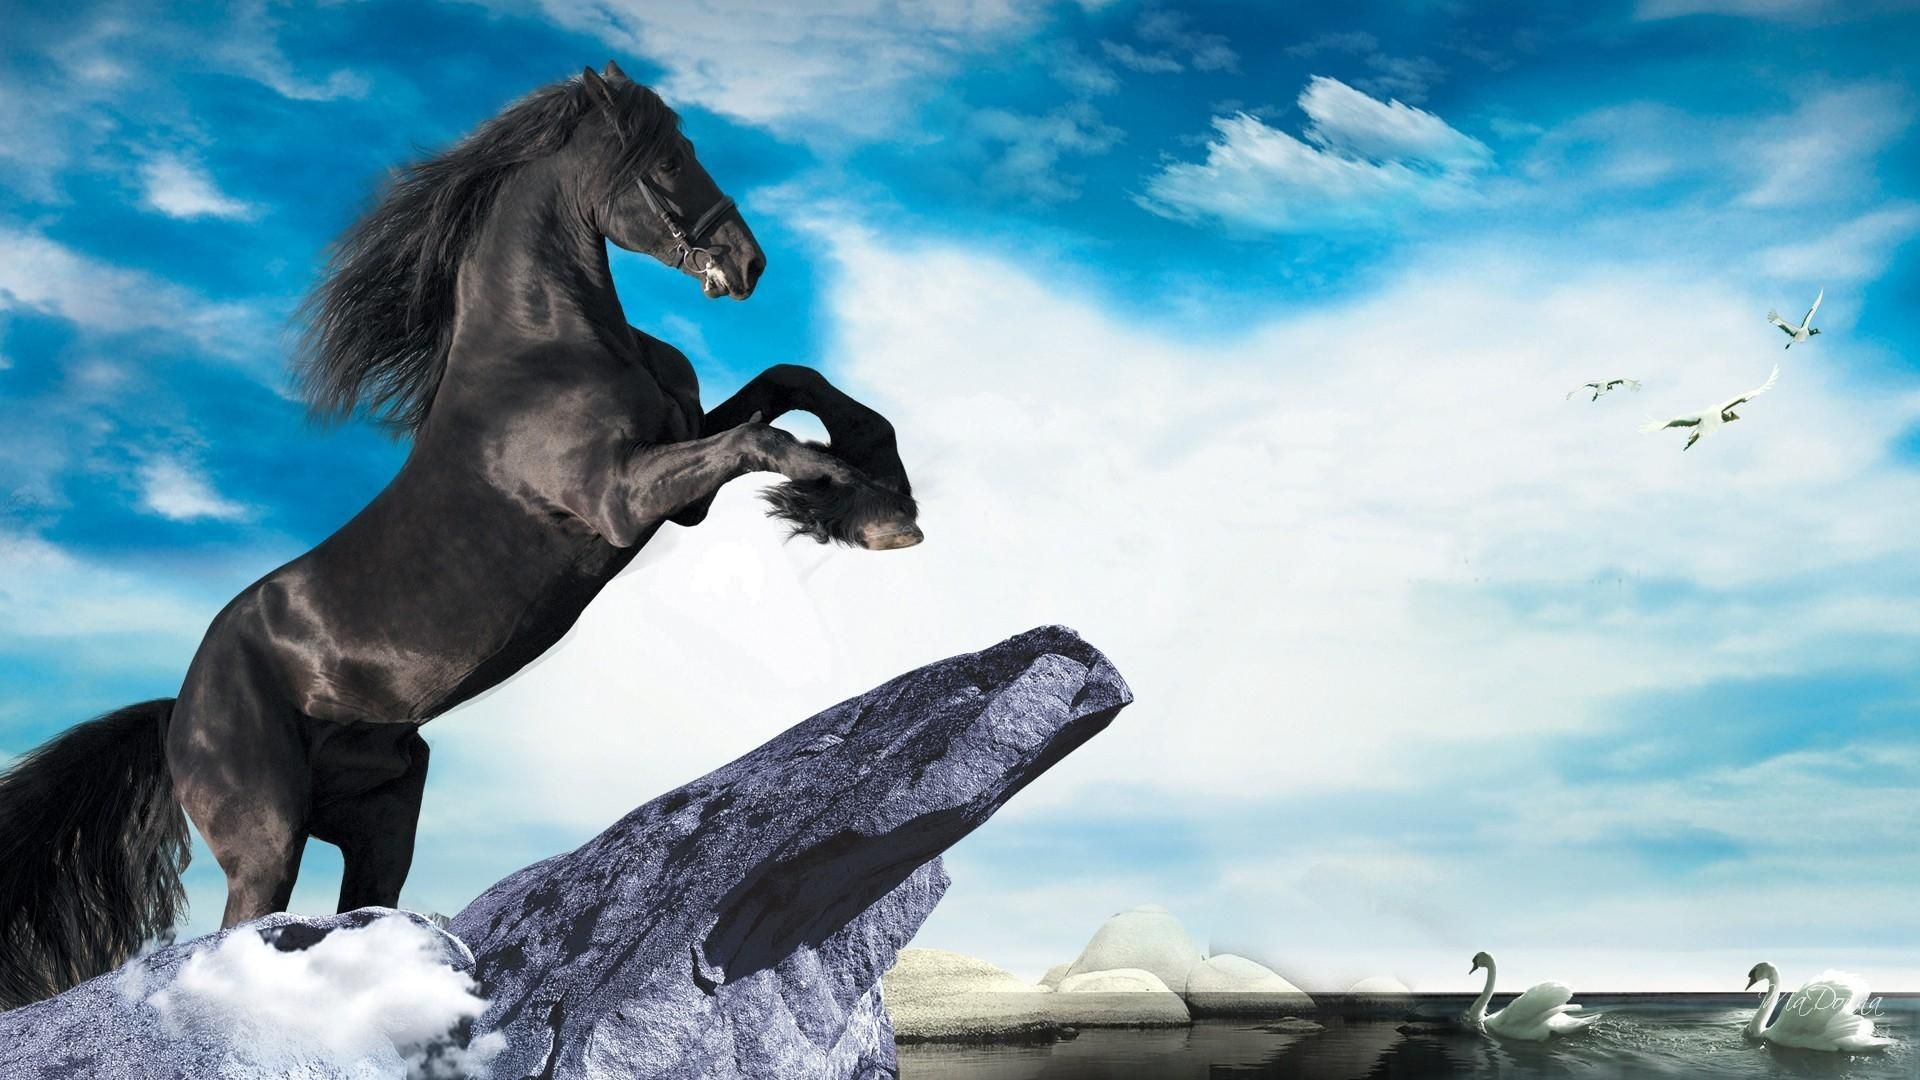 Grossen Schwarzen Hengst Hd Desktop Hintergrund Breitbild High Definition Vollbild Black Stallion Horses Swan Wallpaper